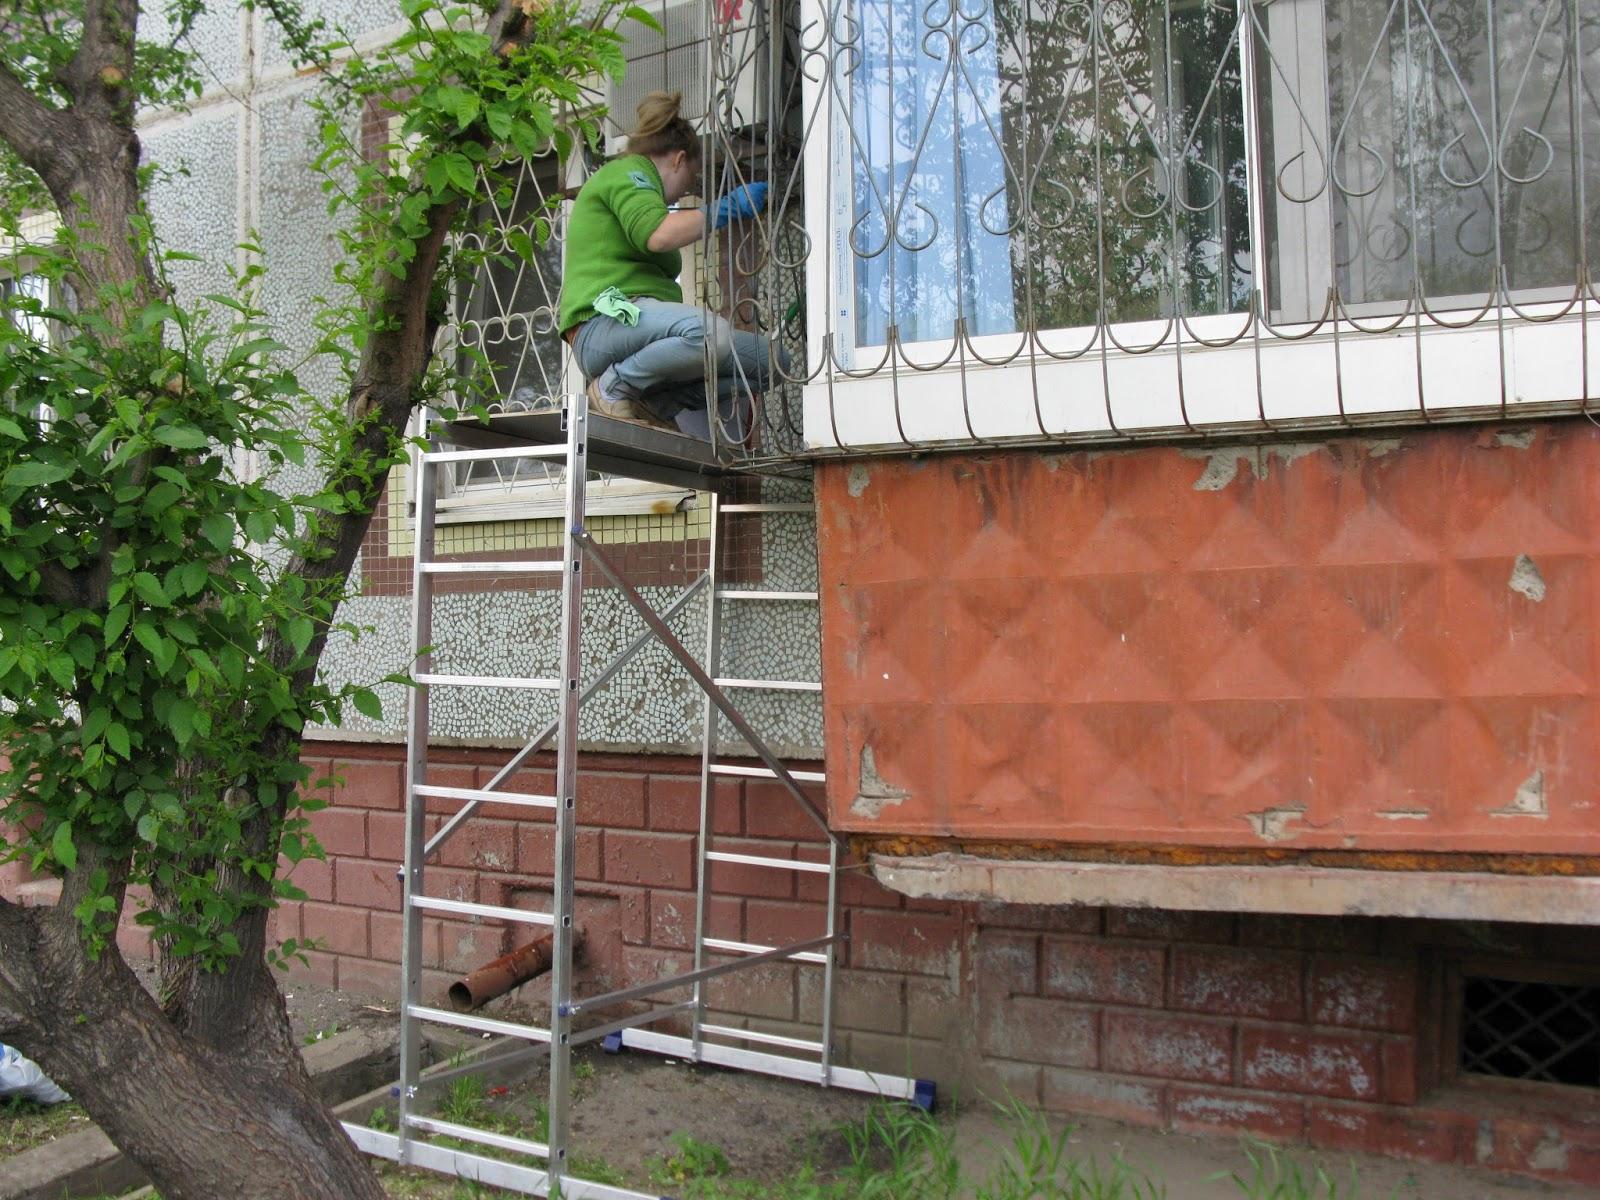 kak-vimit-okno-balkona